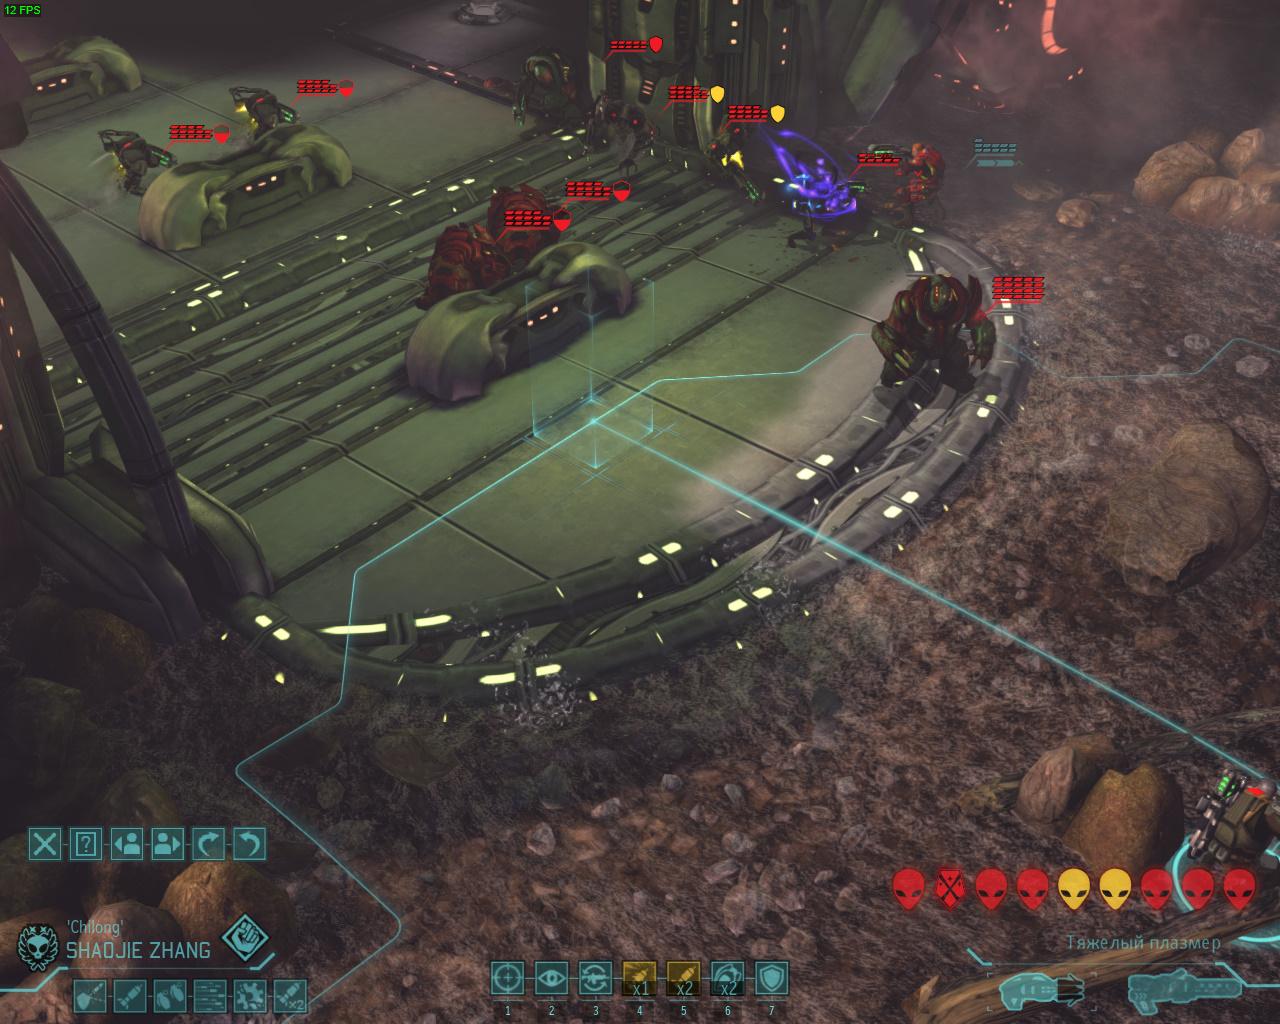 XComGame 2016-09-10 18-23-42-642.jpg - XCOM: Enemy Unknown